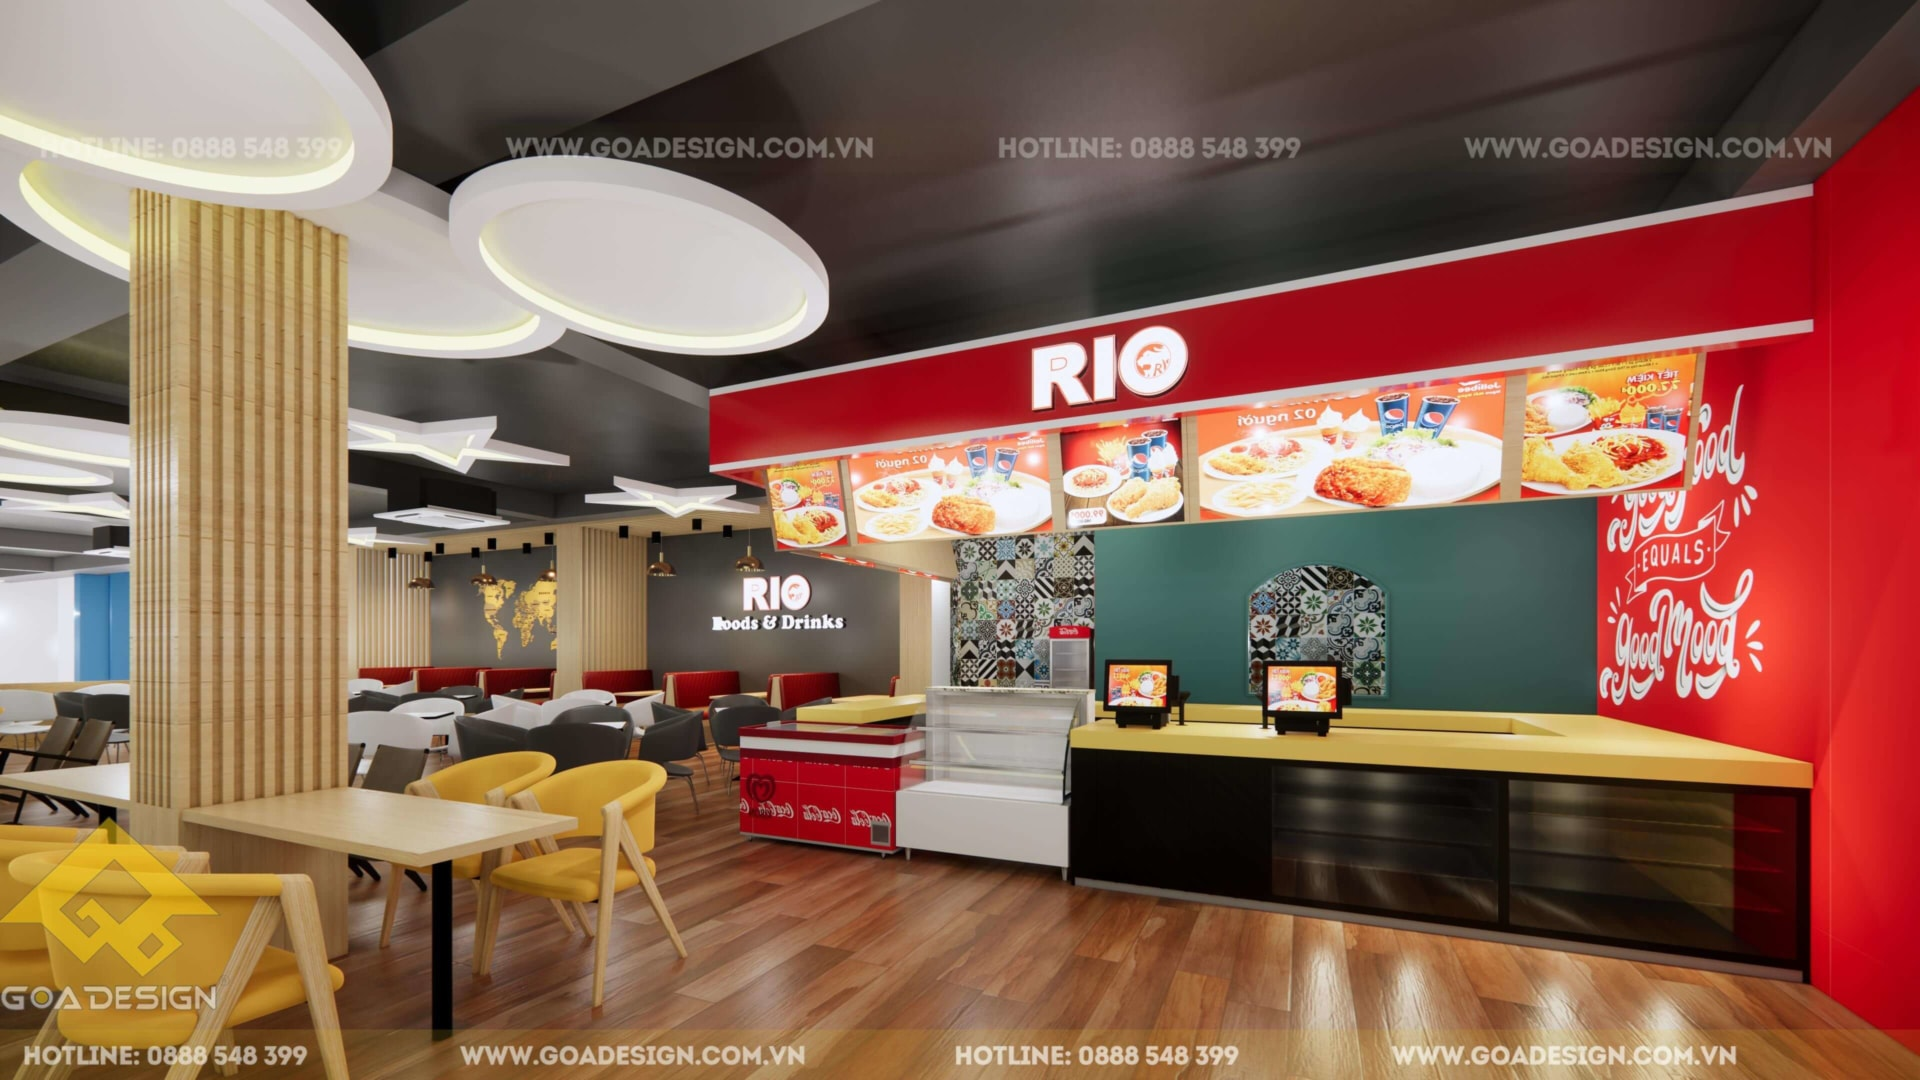 GOADESIGN Tư vấn thiết kế thi công Food & Drink Rio (1)